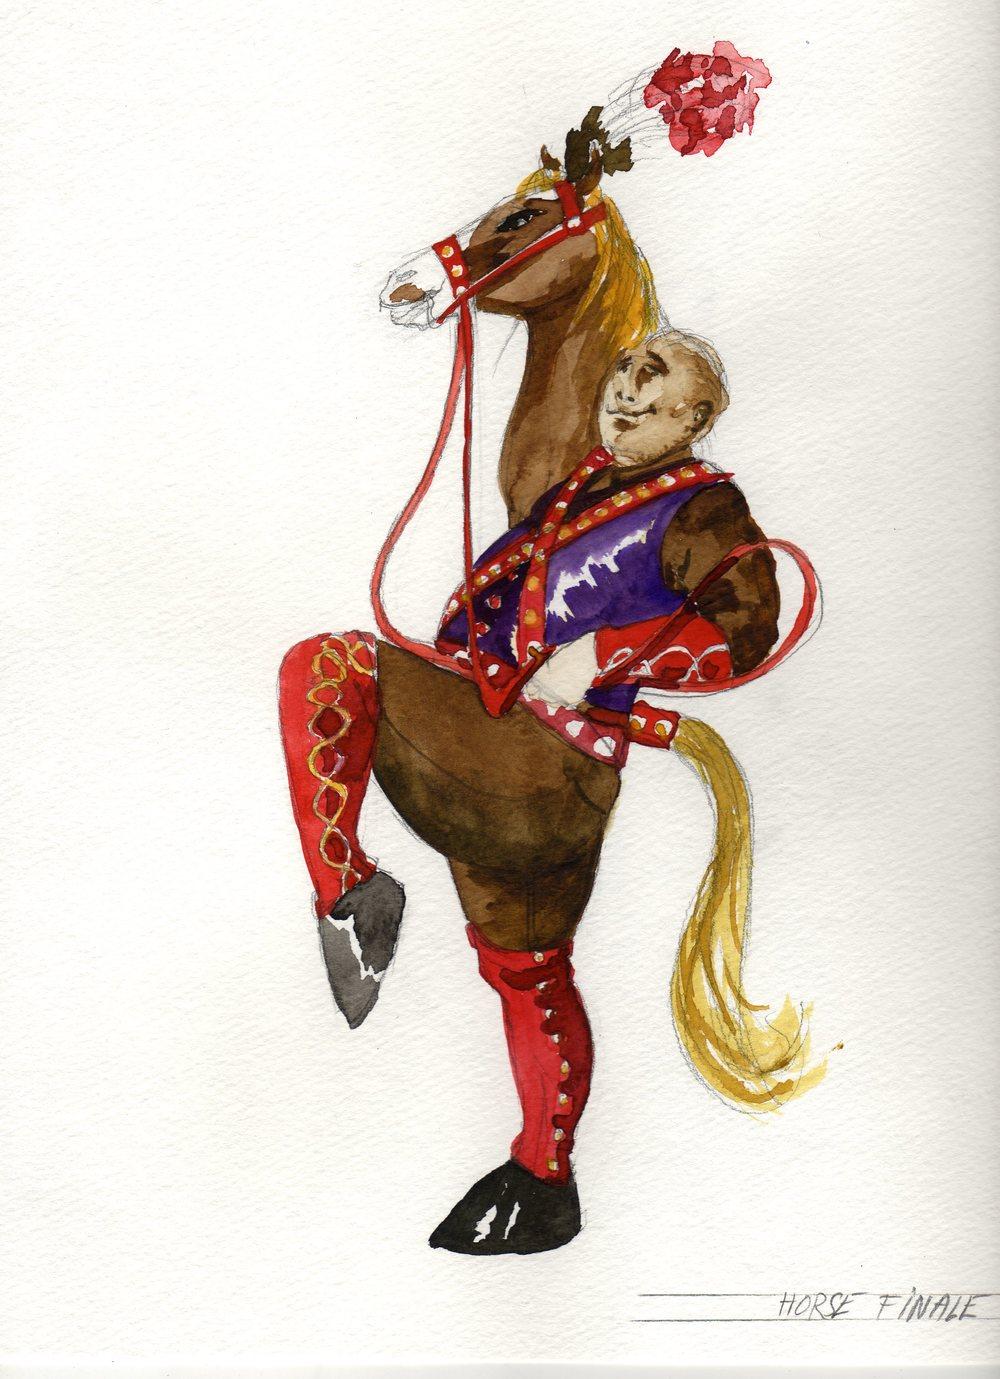 horse finale.jpg